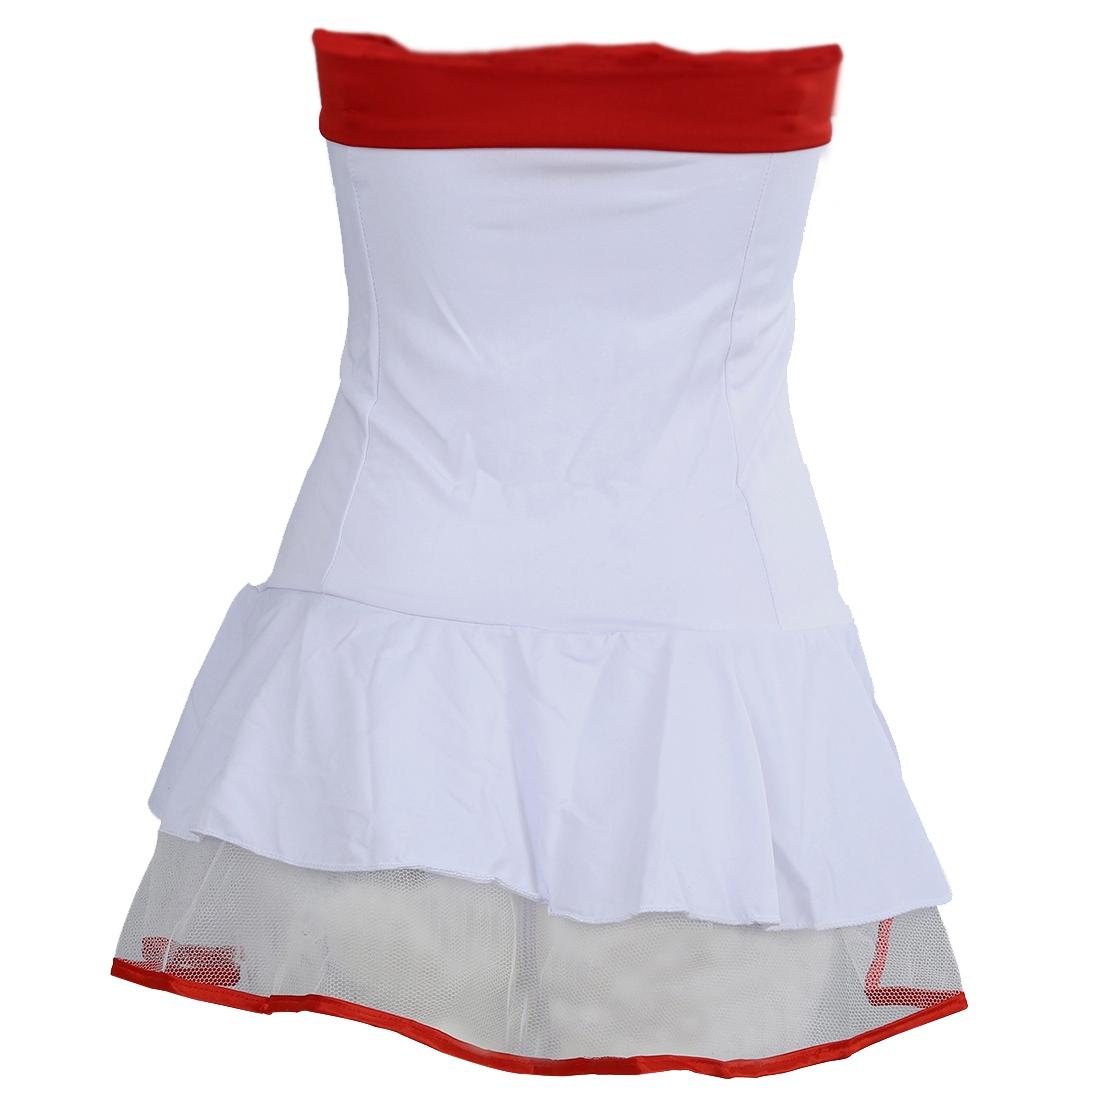 Disfraces-de-traje-enfermera-blanco-con-rojo-Ropa-rendimiento-escenario-Lenceria